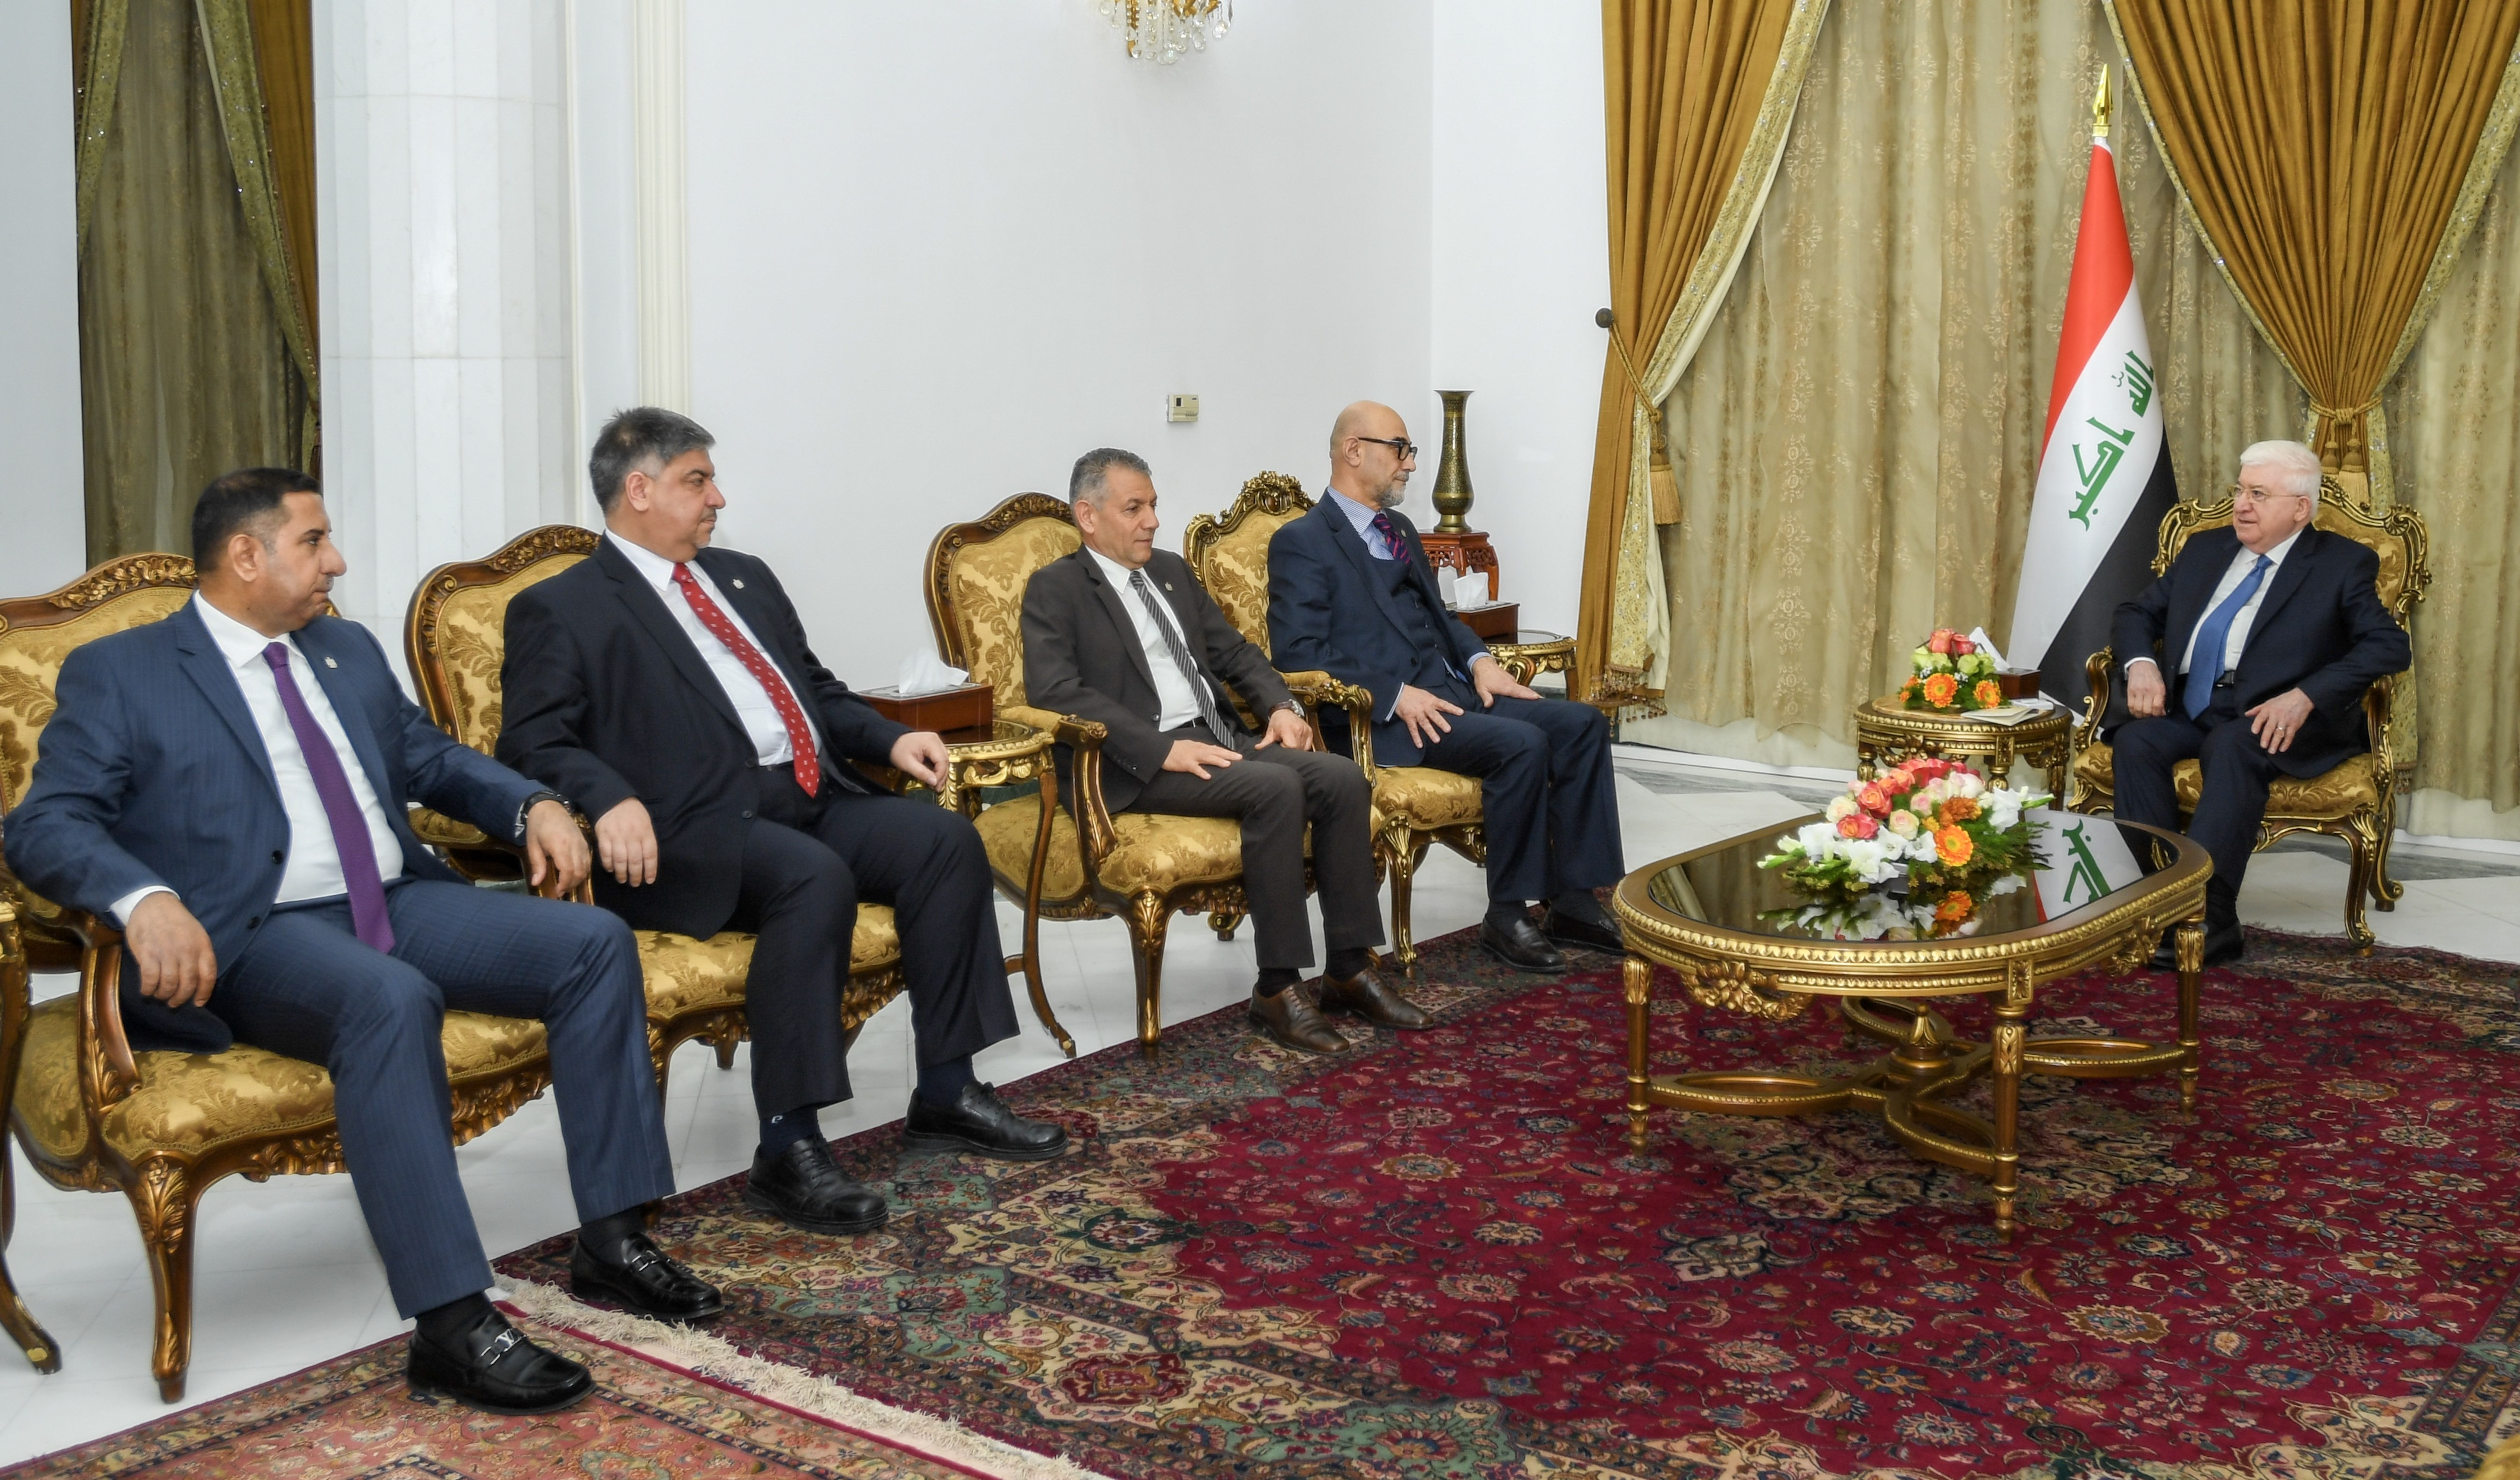 معصوم يدعو سفراء العراق إلى حشد المجتمع الدولي لإعمار المناطق المحررة